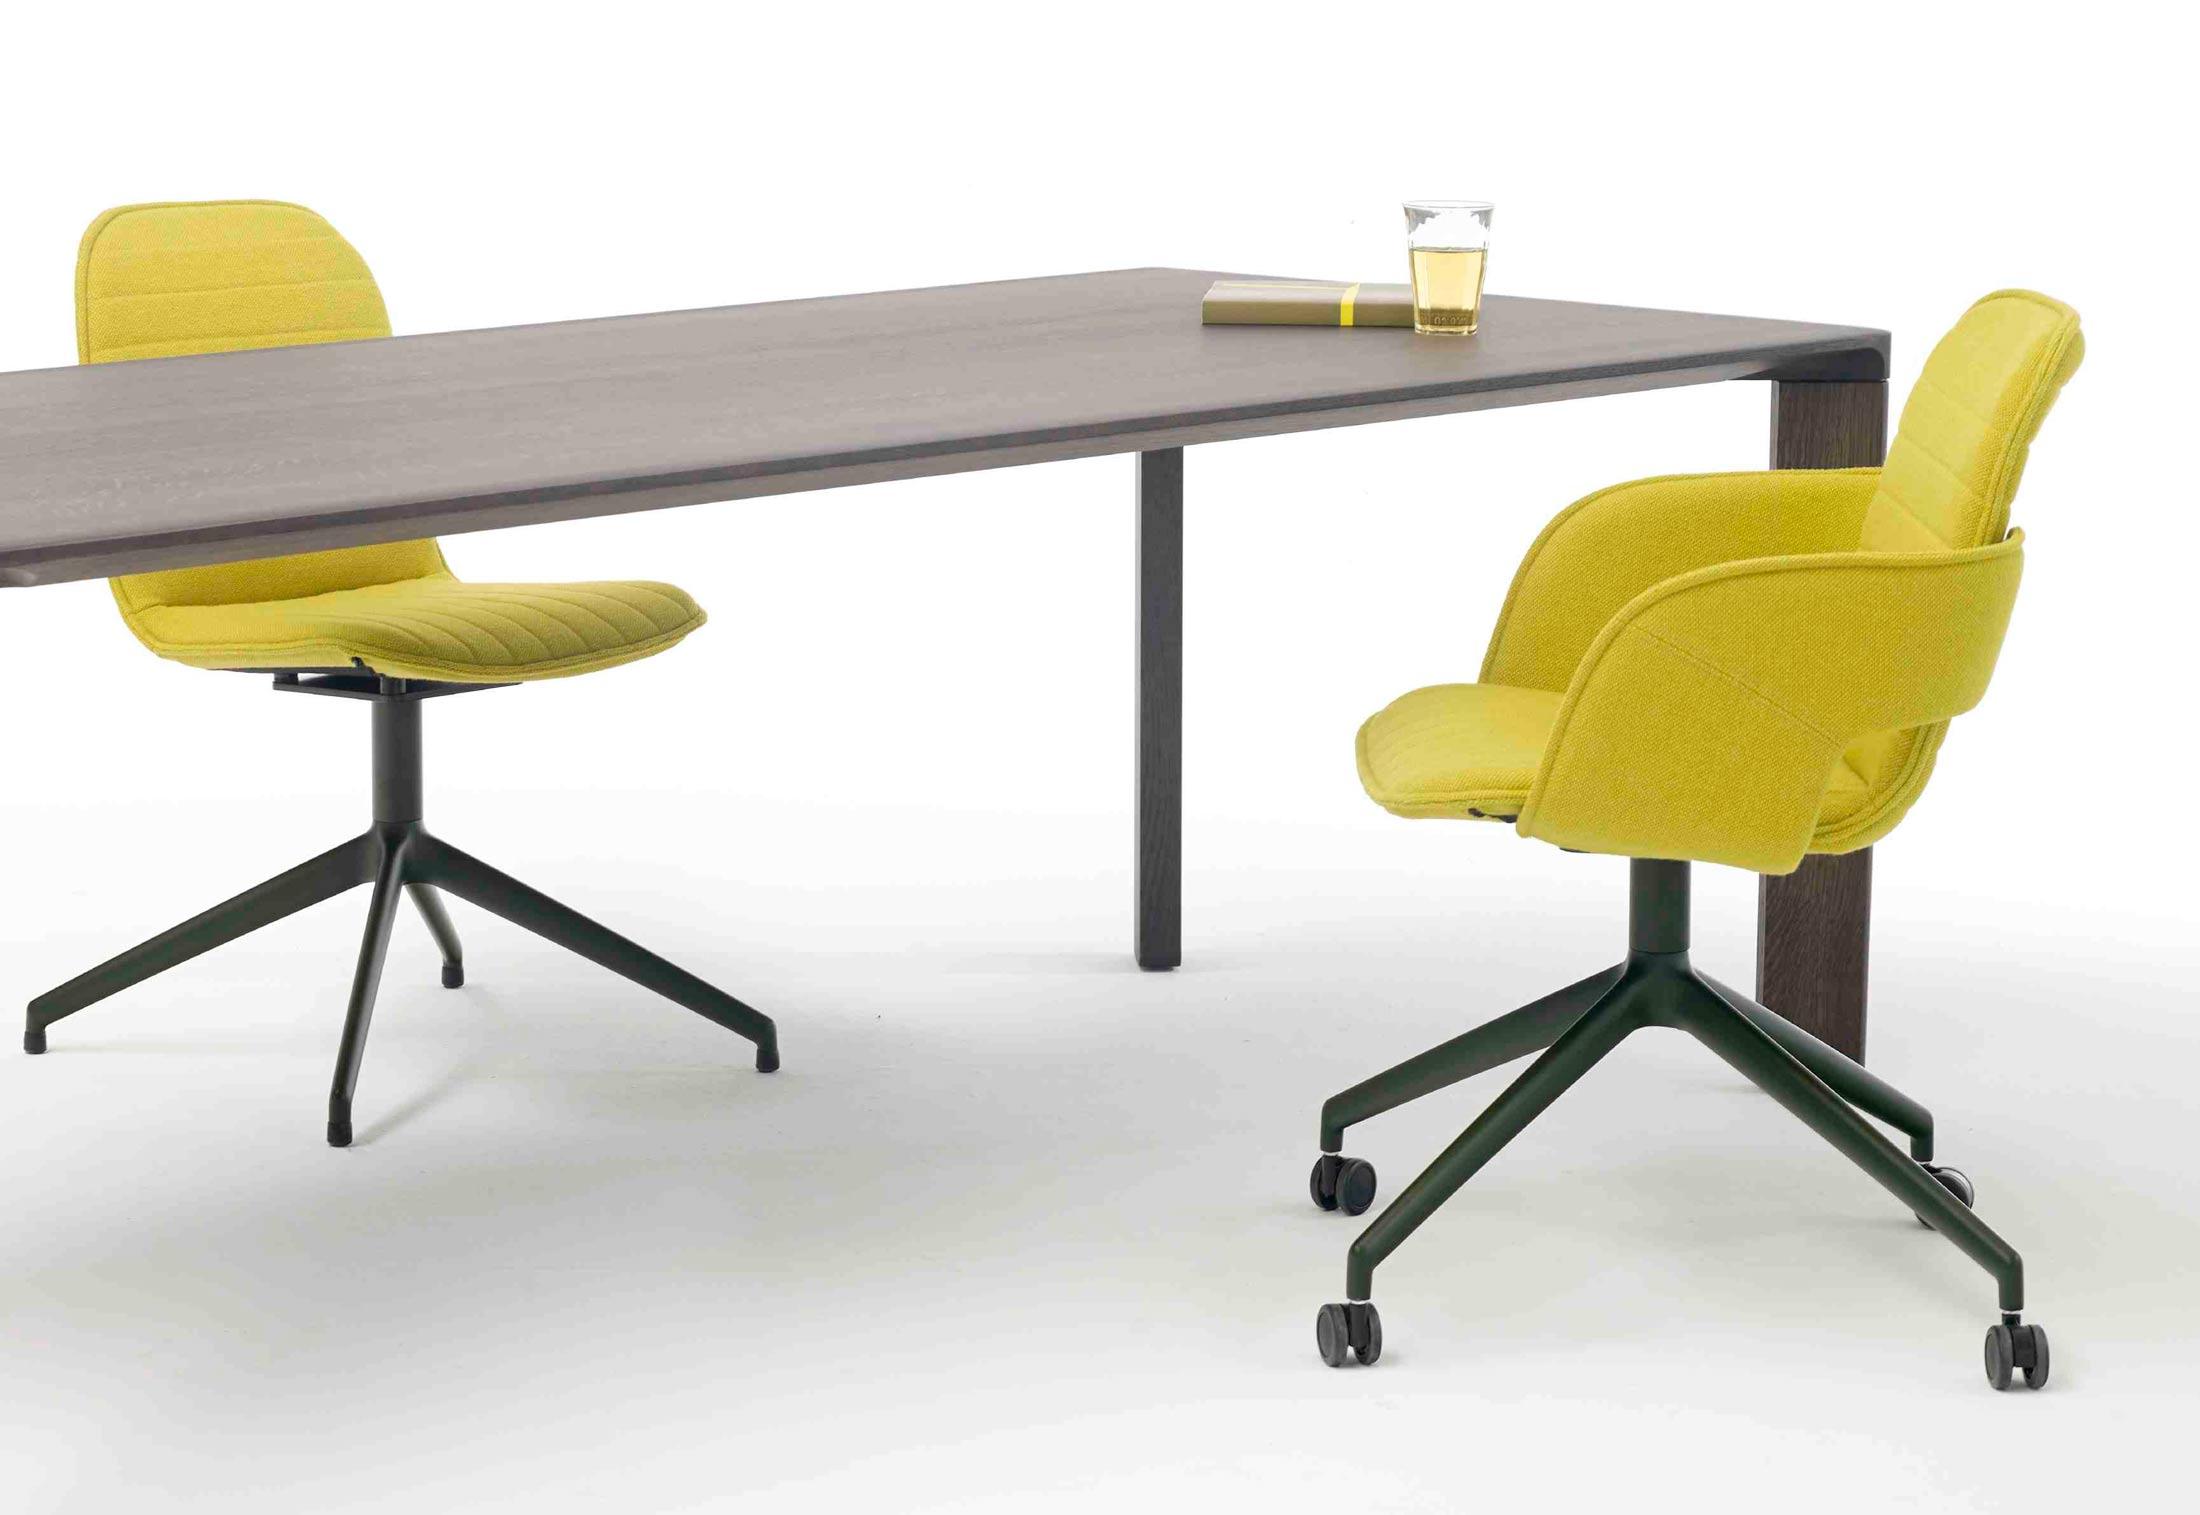 Niedlich Küchentisch Setzt Stühle Mit Rollen Galerie - Küche Set ...